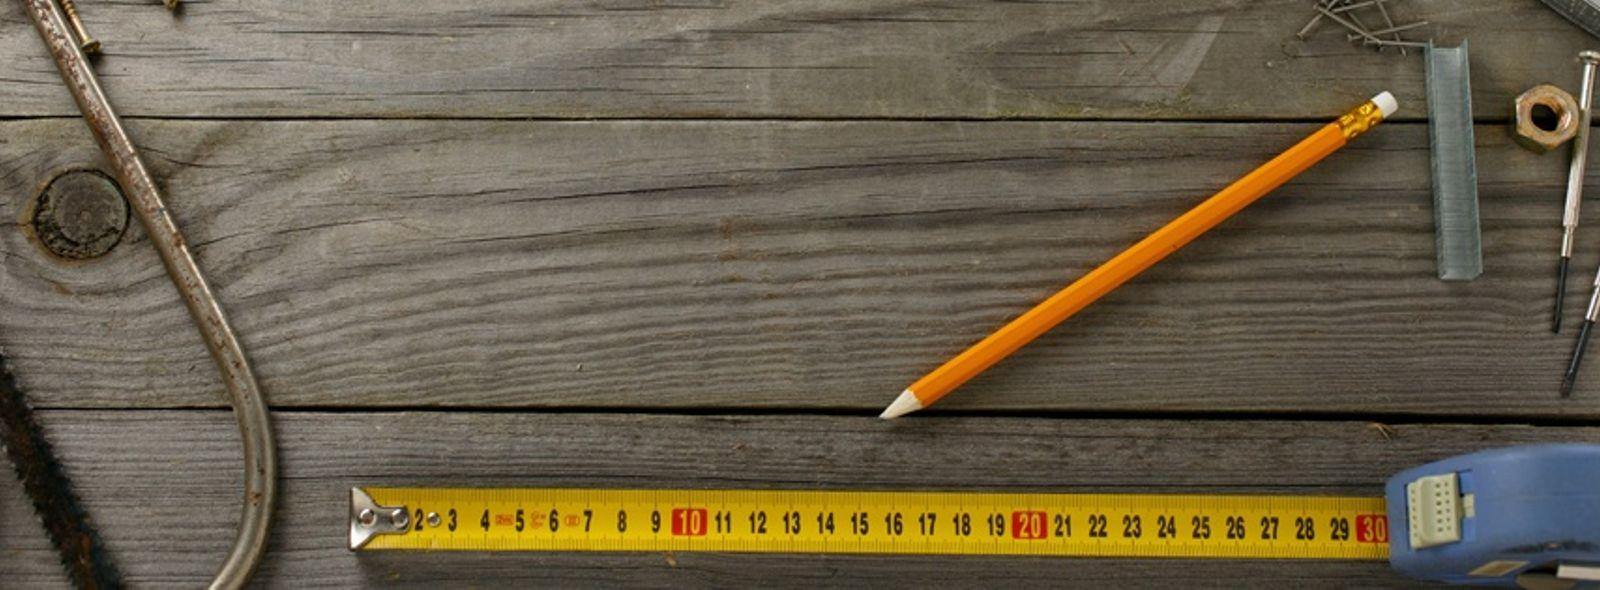 Come costruire un tavolo in legno trovami - Costruire un portabottiglie in legno ...